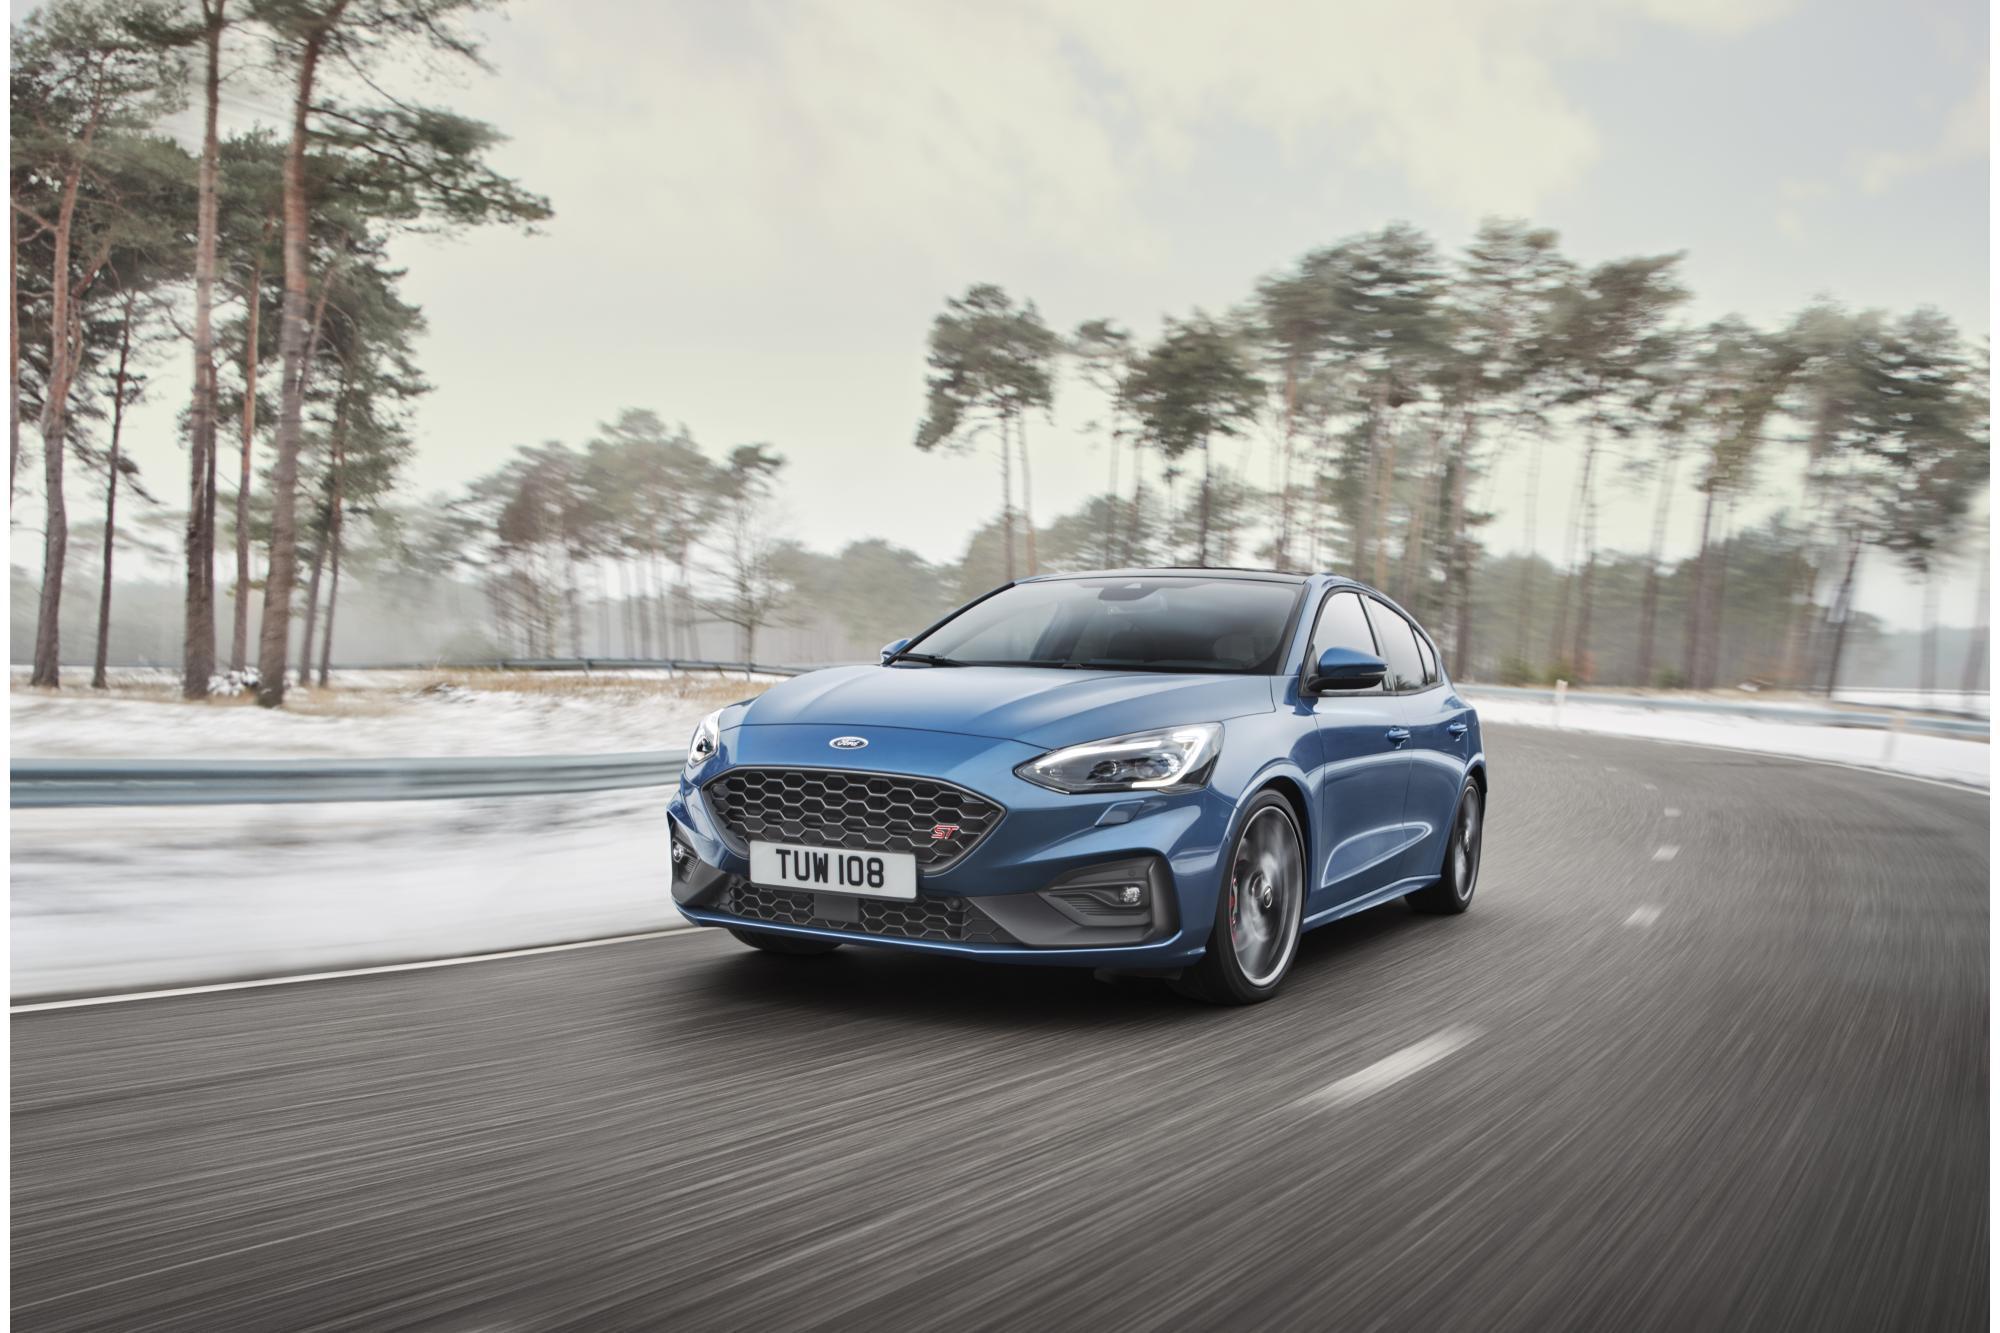 Πρώτη Επαφή: Νέο Ford Focus ST 280Ps